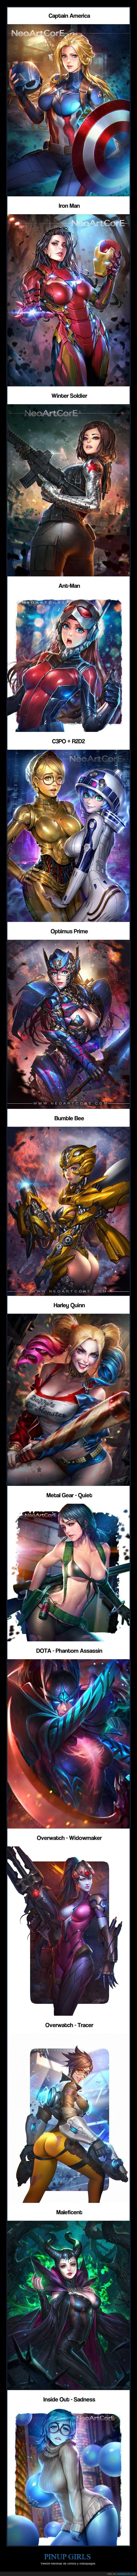 14 personajes femeninos de videojuegos y cómics al estilo Pin-Up - Versión heroínas de cómics y videojuegos